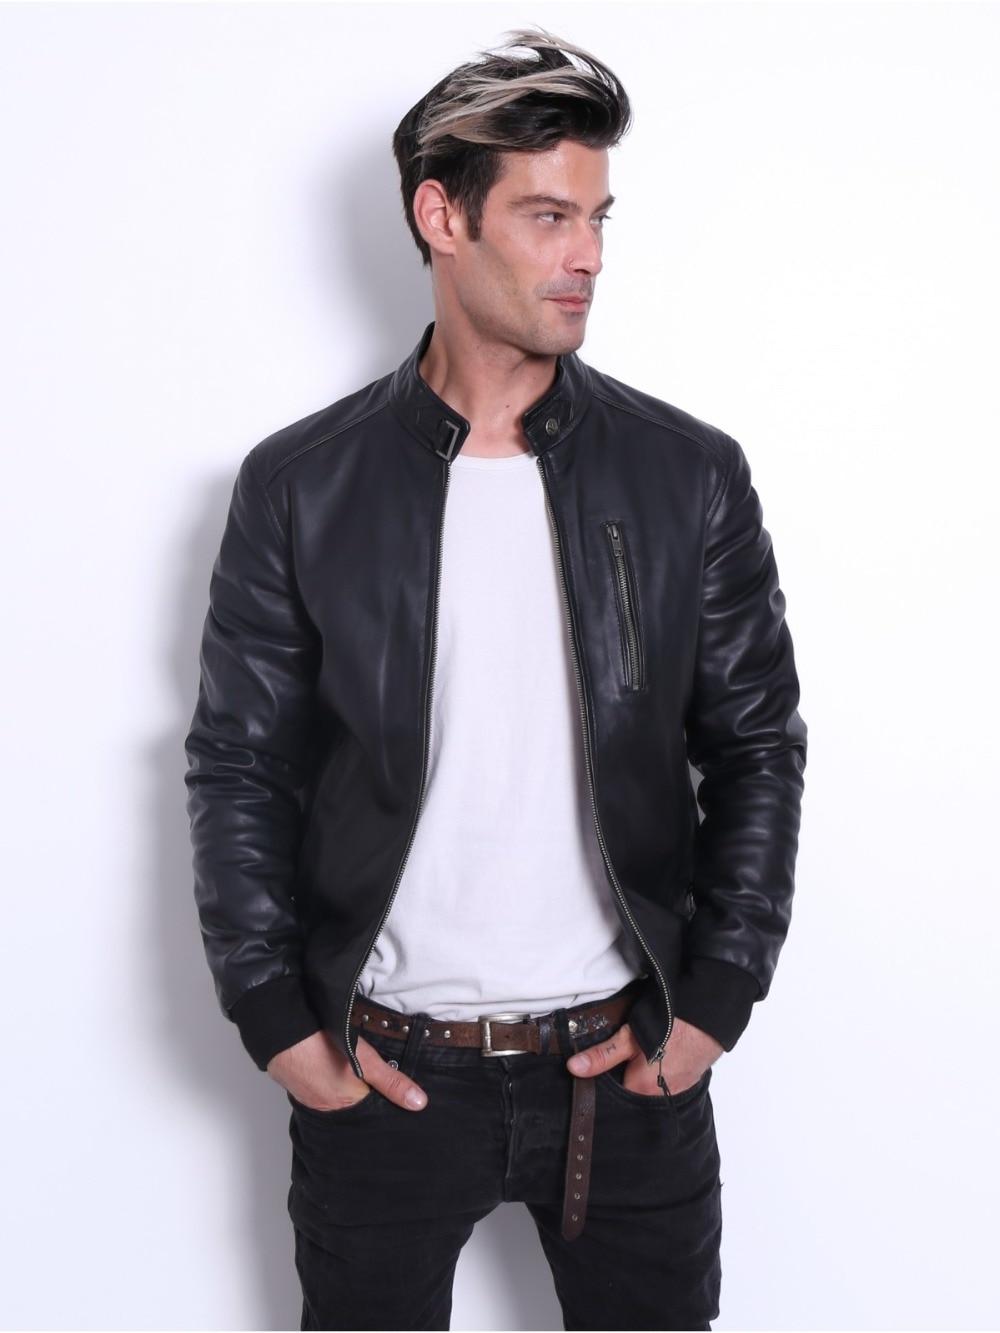 VAINAS الأوروبية العلامة التجارية رجل سترة جلدية للرجال الشتاء الغنم الحقيقي سترة جلدية حقيقية الأغنام السترات الجلدية السائق جاكيتات